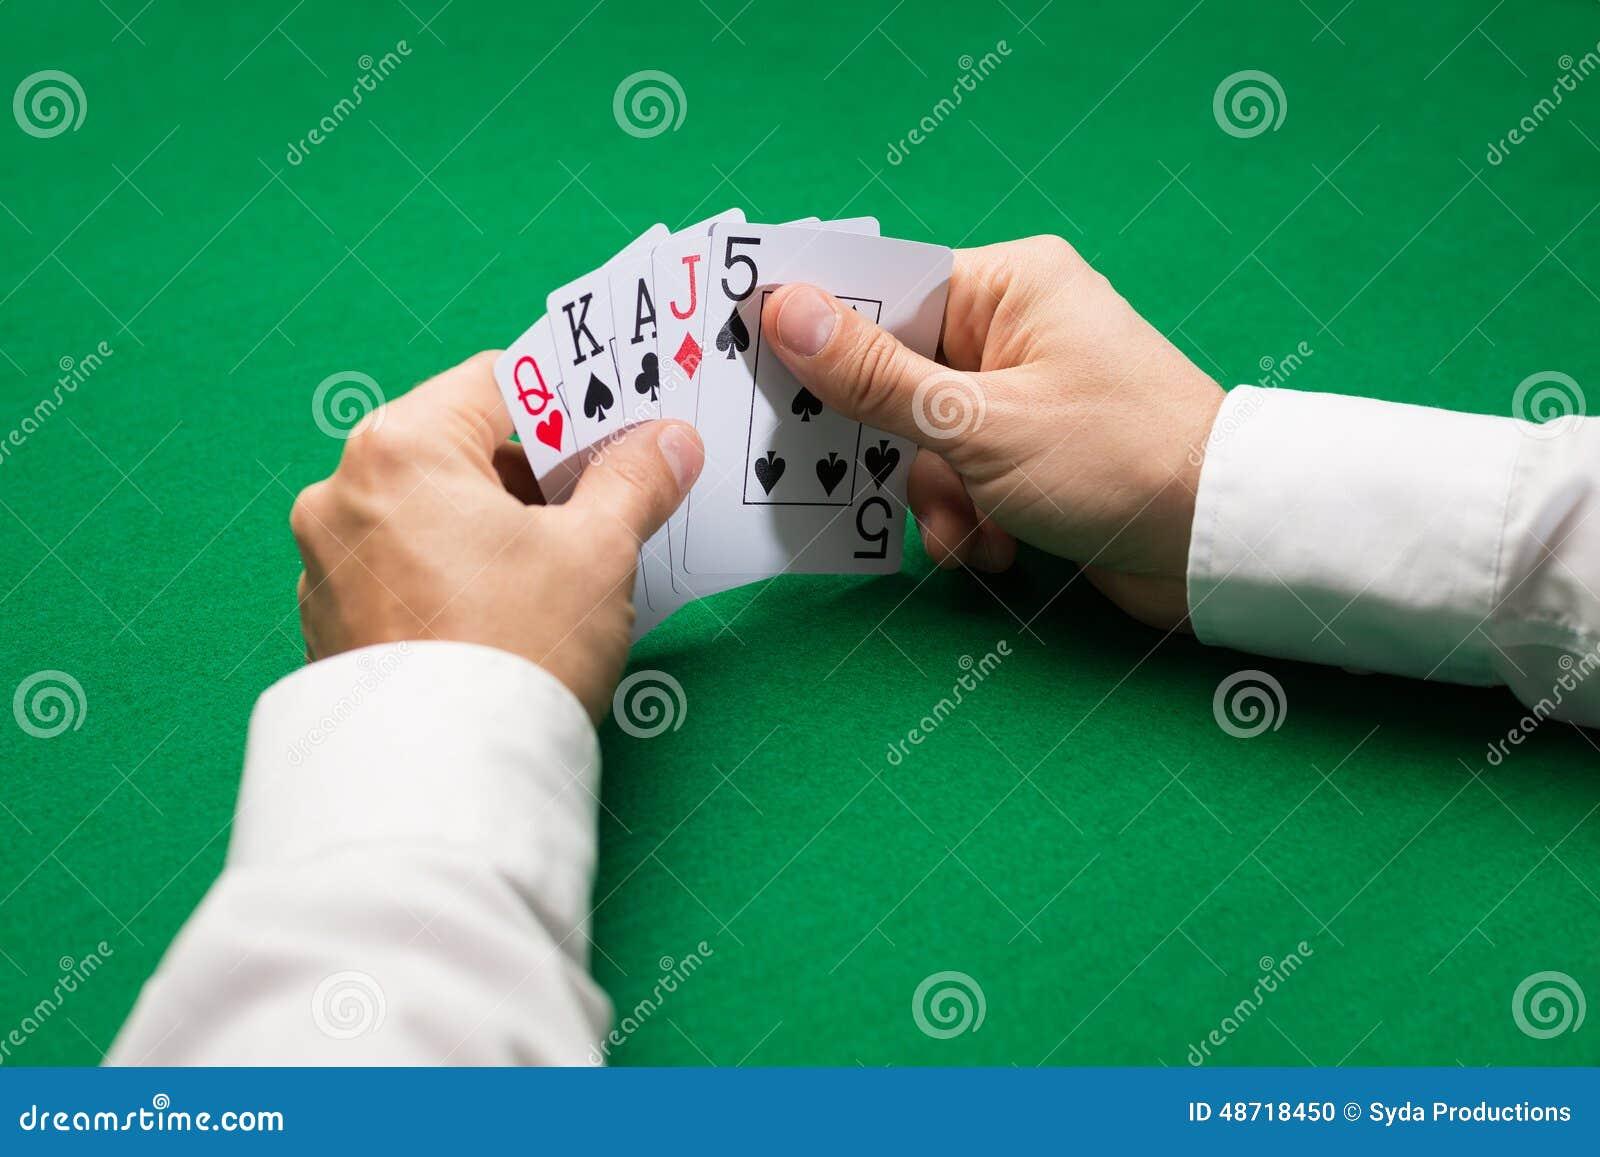 Κάρτες παιχνιδιού εκμετάλλευσης φορέων πόκερ στον πίνακα χαρτοπαικτικών λεσχών